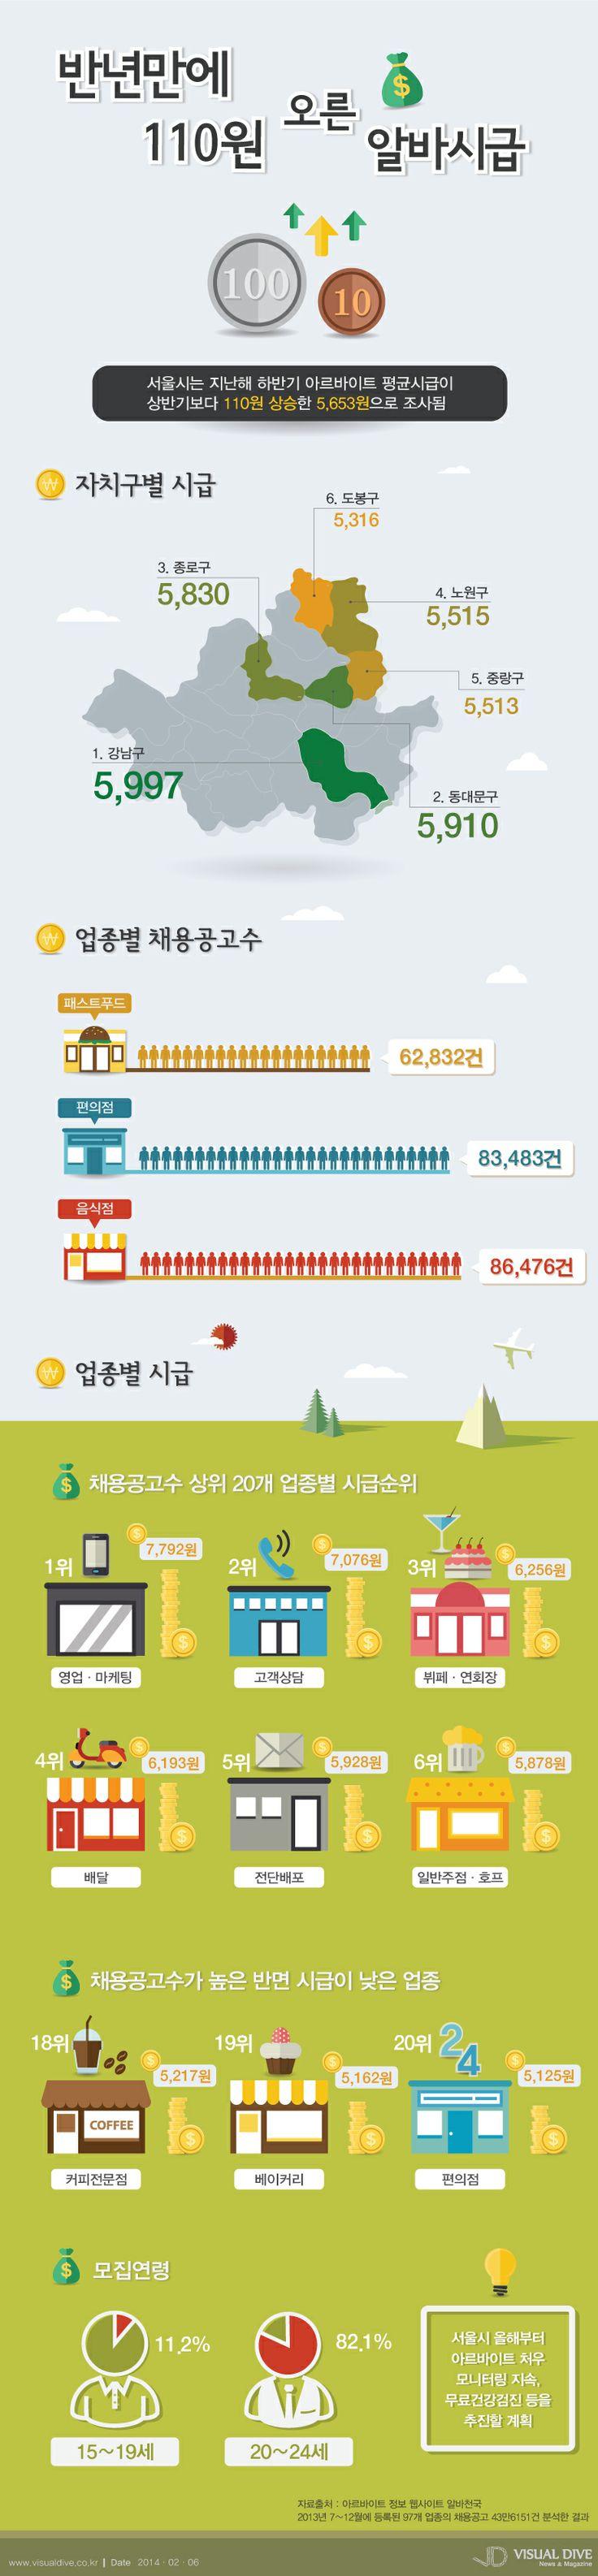 [인포그래픽] 서울시 '아르바이트' 평균시급…'110원' 상승 #part-time / #Infographic ⓒ 비주얼다이브 무단 복사·전재·재배포 금지